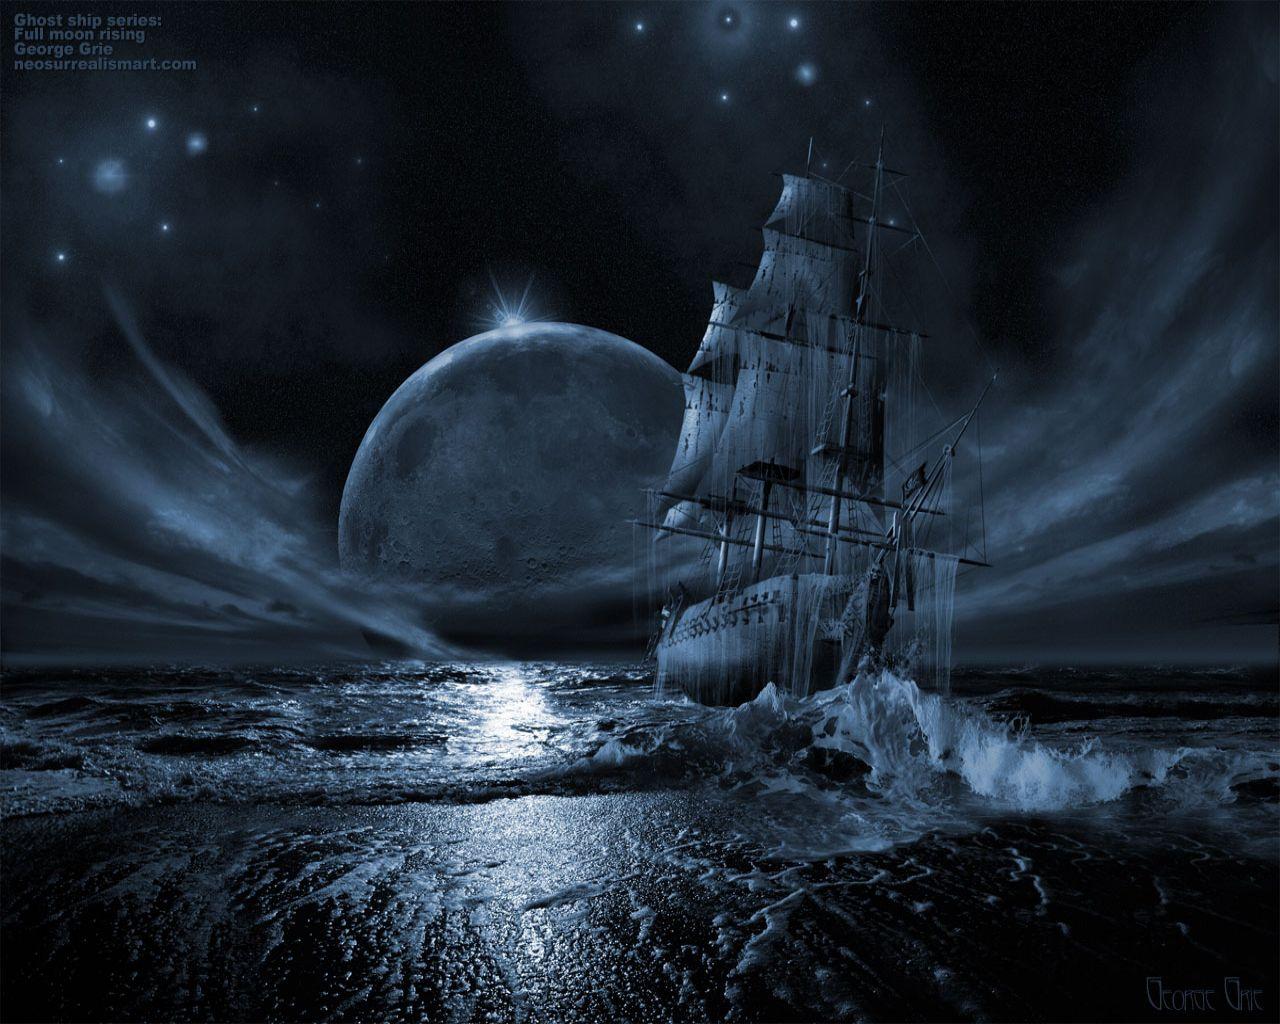 ночь, луна, скачать фото, корабль, море, скачать фото